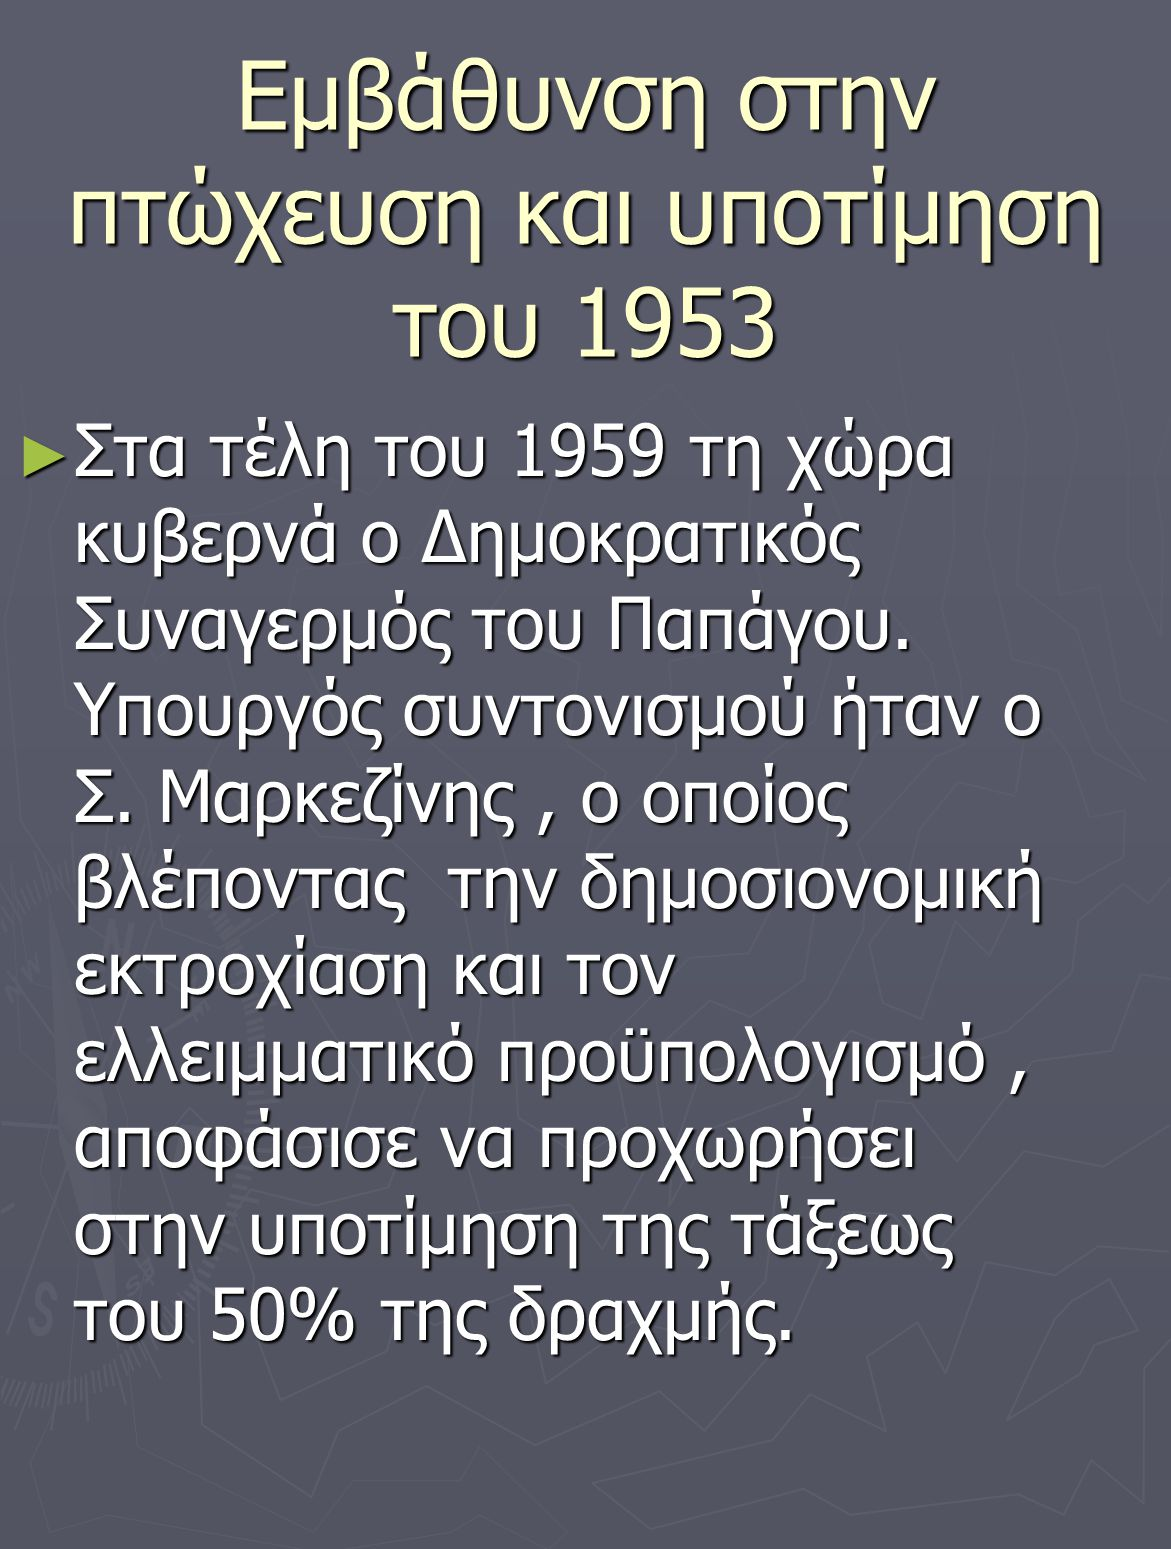 Εμβάθυνση στην πτώχευση και υποτίμηση του 1953